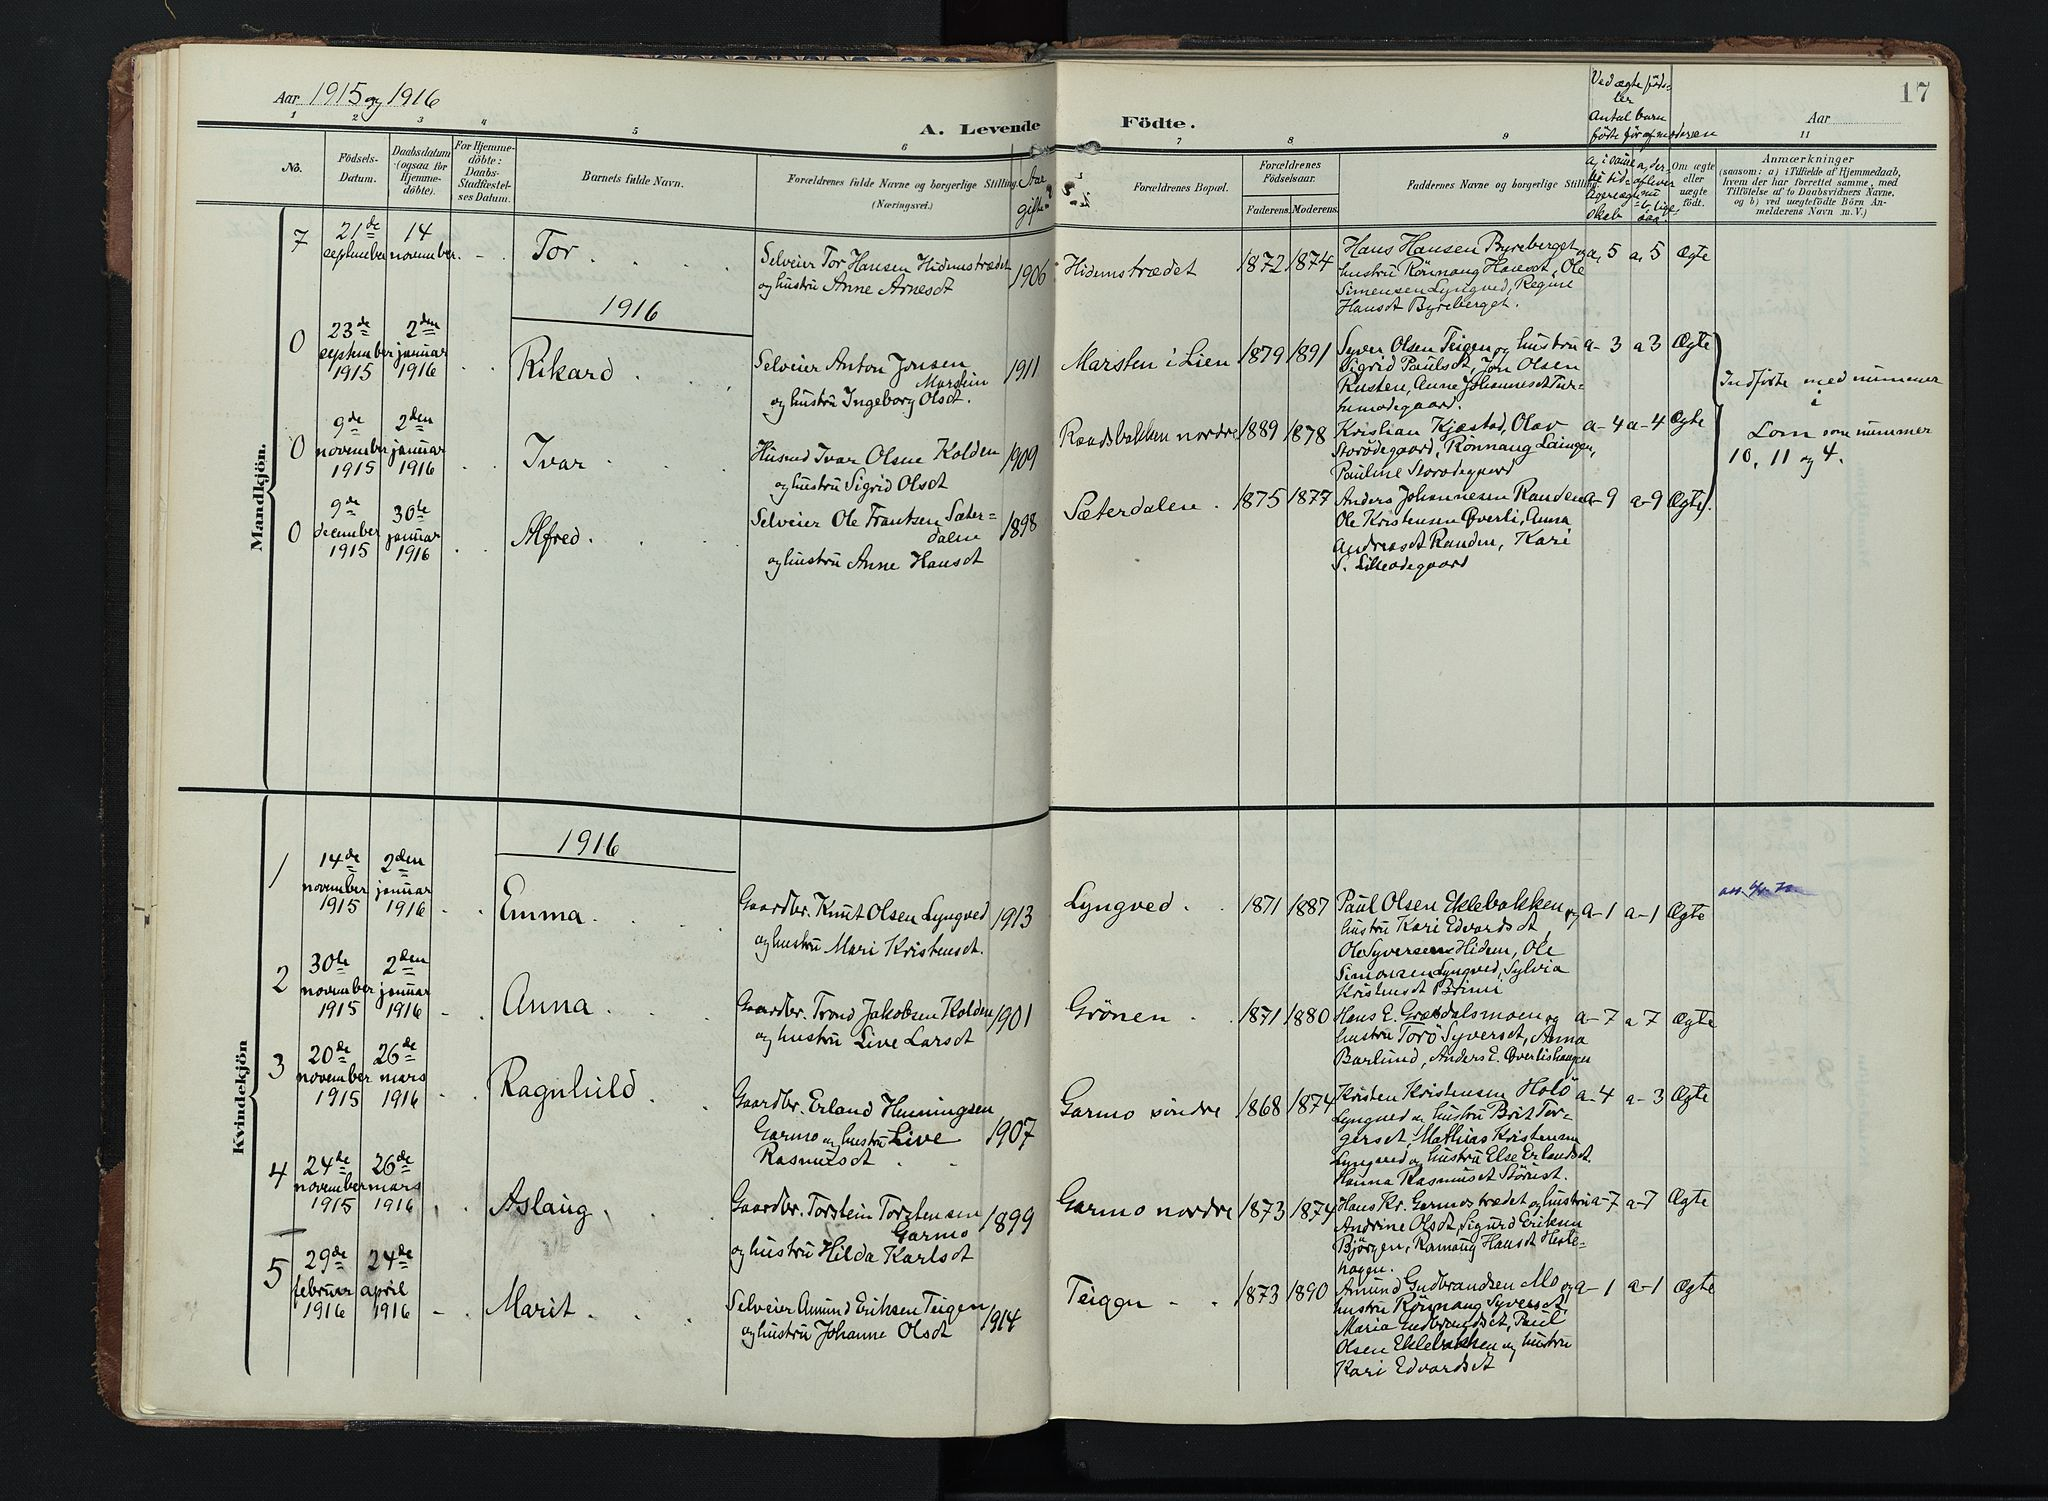 SAH, Lom prestekontor, K/L0011: Ministerialbok nr. 11, 1904-1928, s. 17